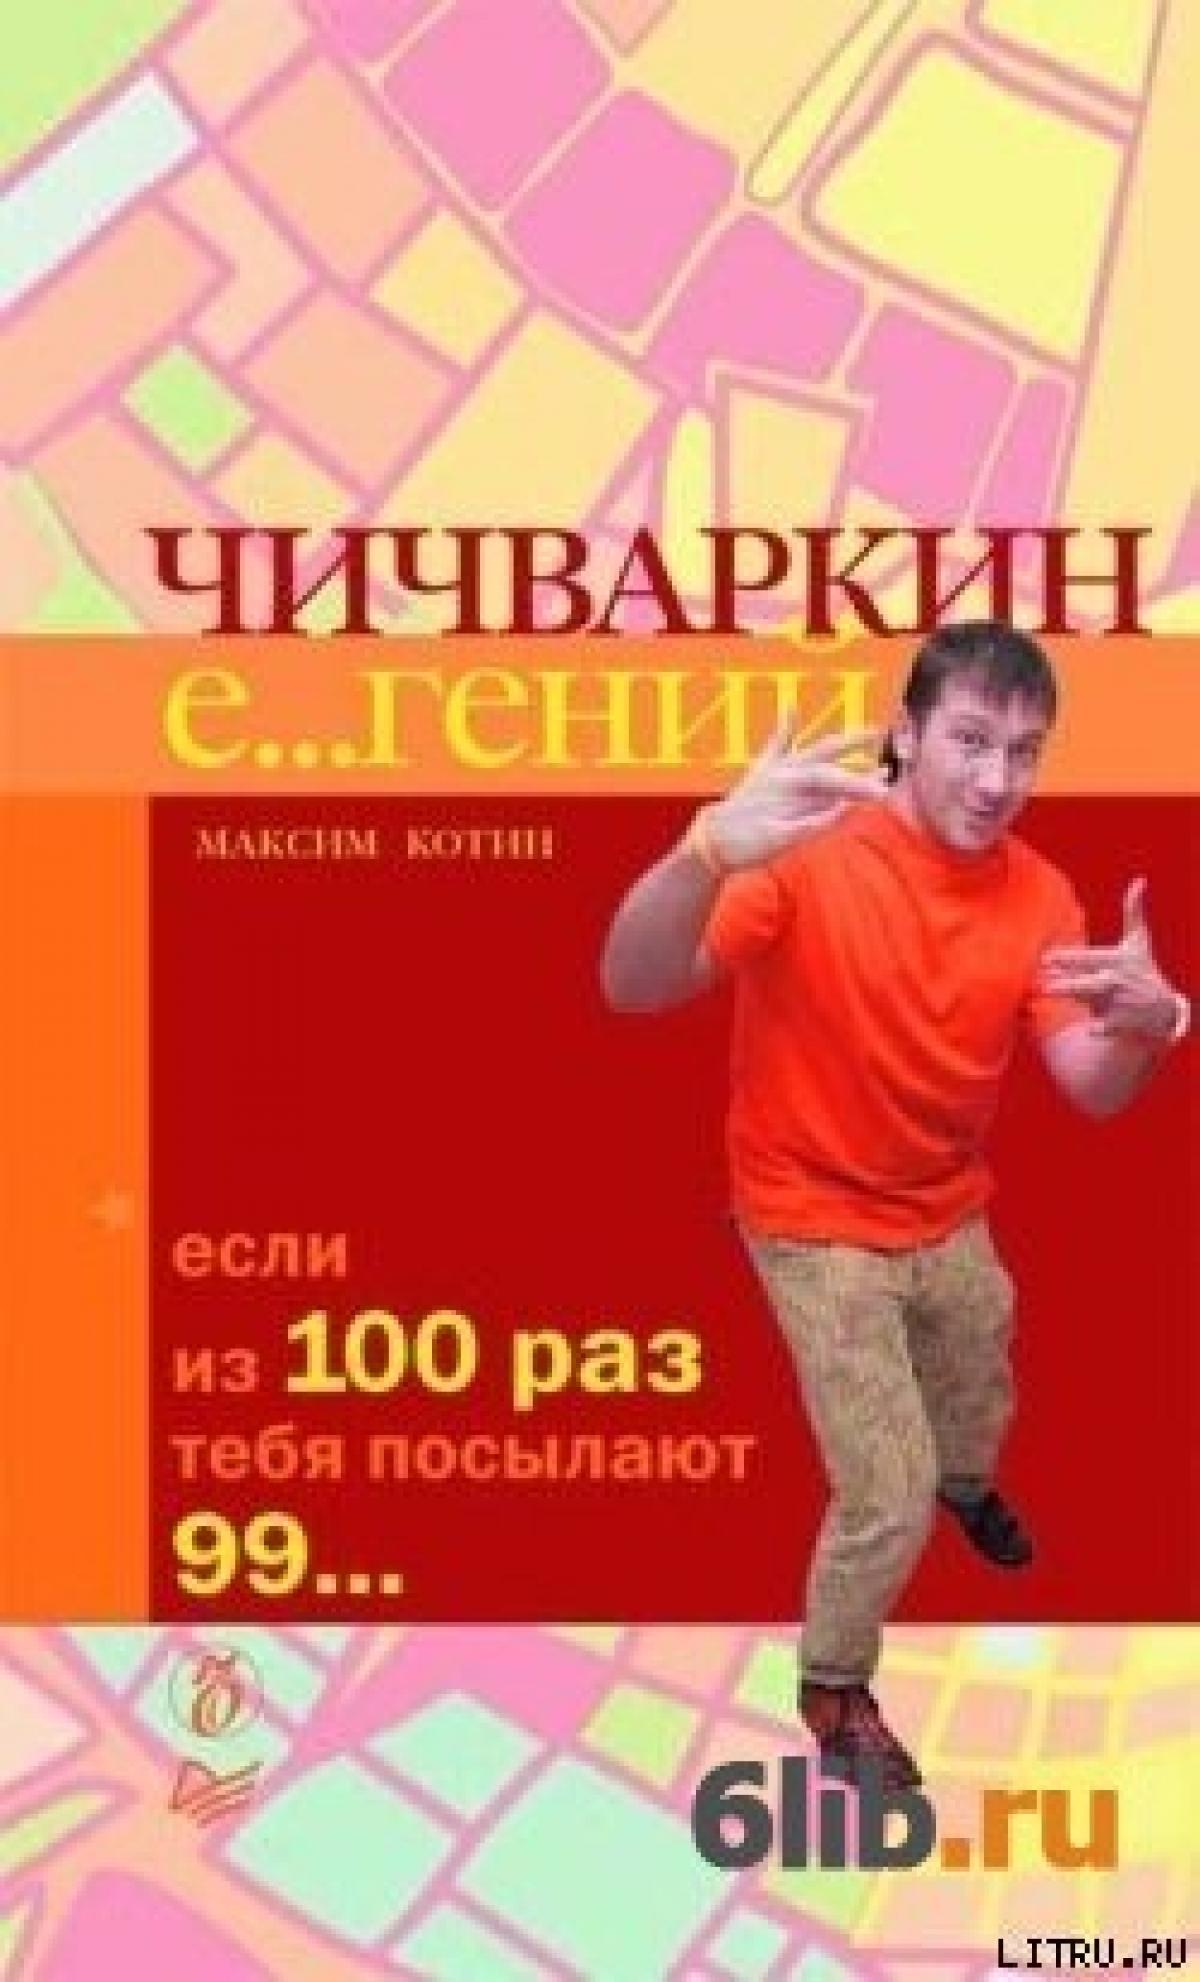 Обложка книги:  максим котин - максим котин - чичваркин е...гений. если из 100 раз тебя посылают 99